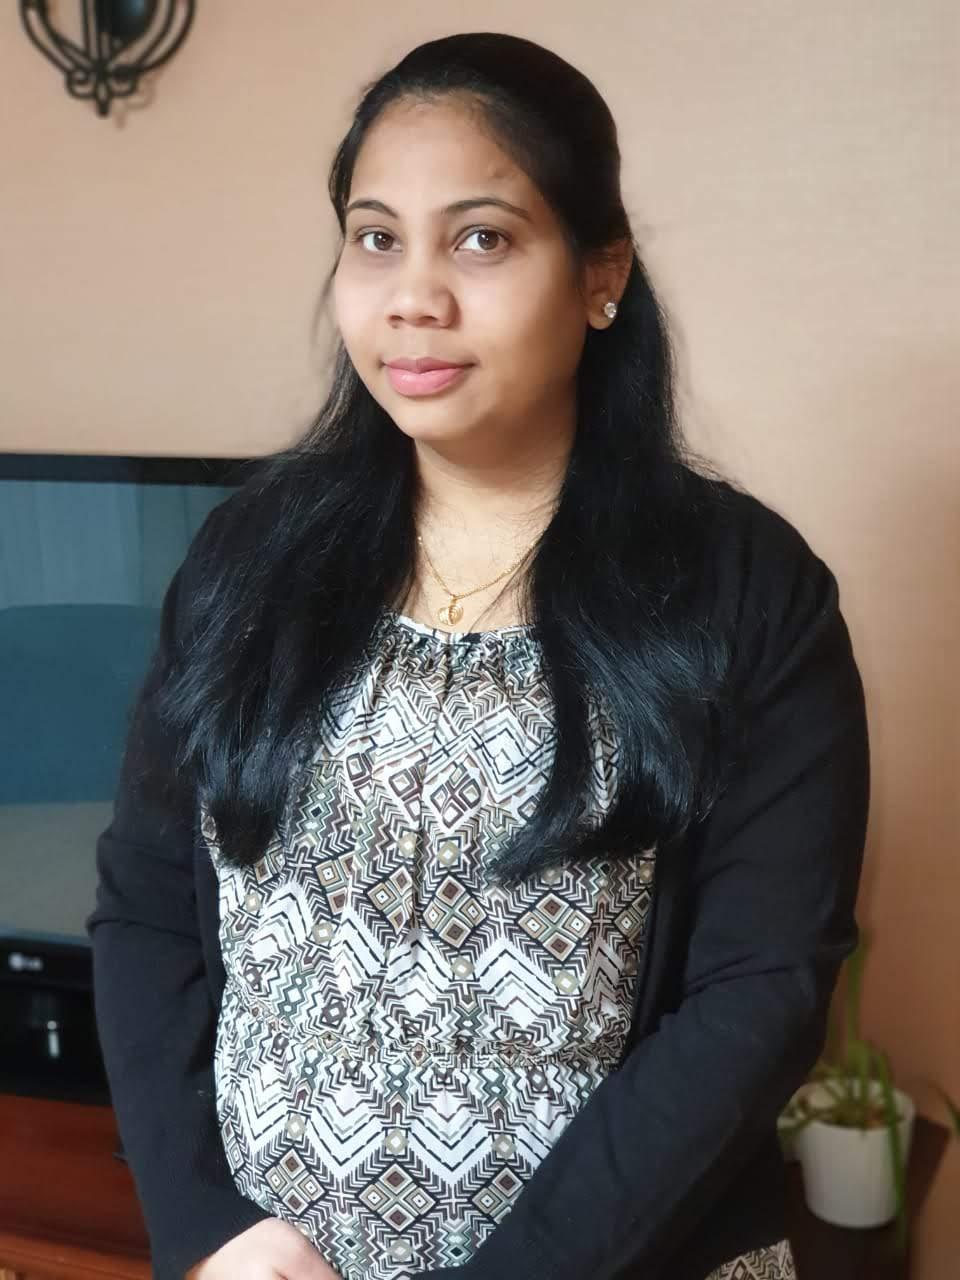 Sweta Gorthi